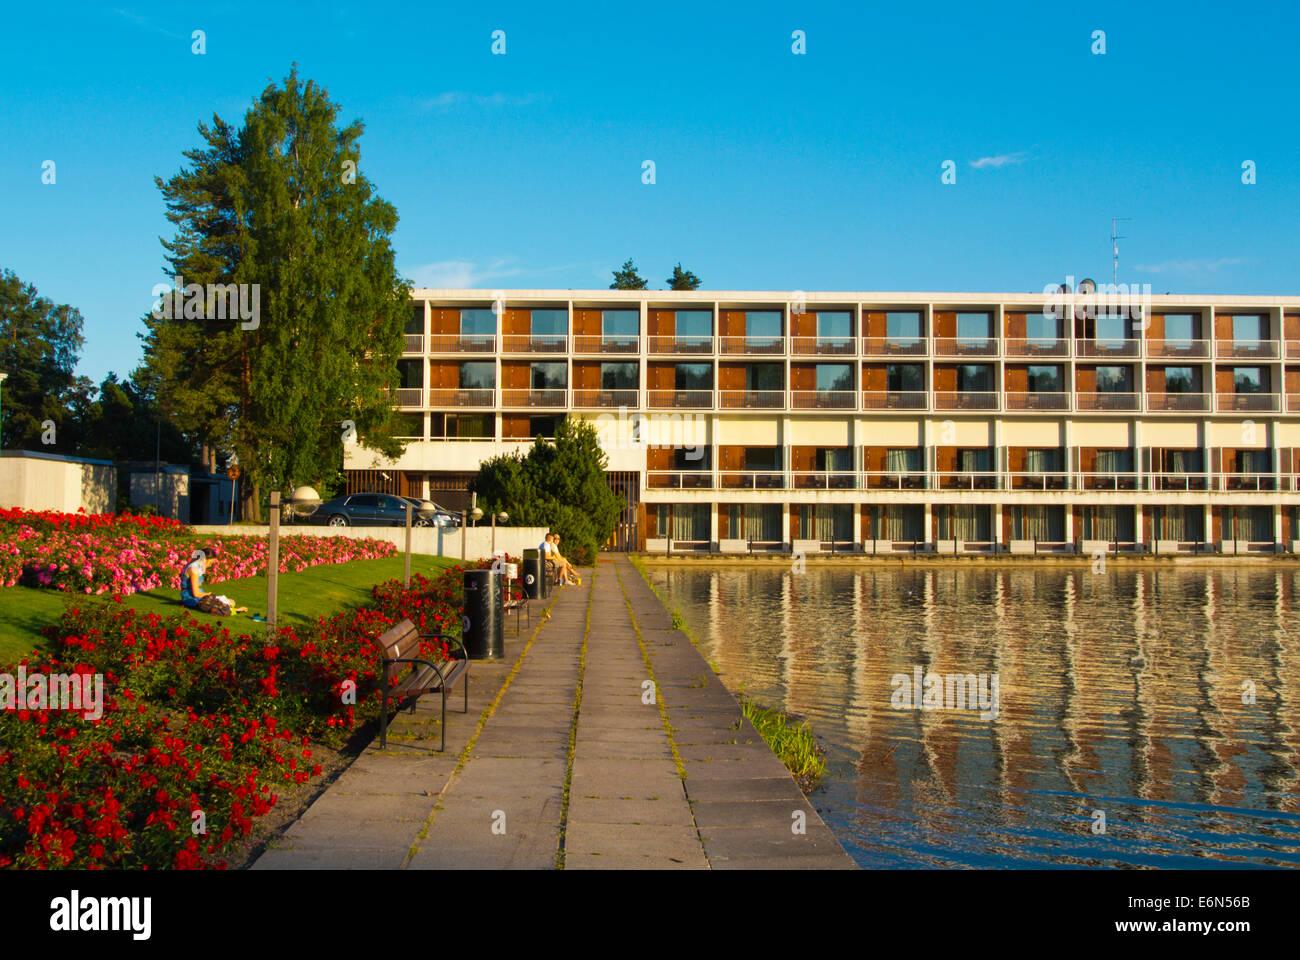 Garden City Hotel Stock Photos & Garden City Hotel Stock Images - Alamy